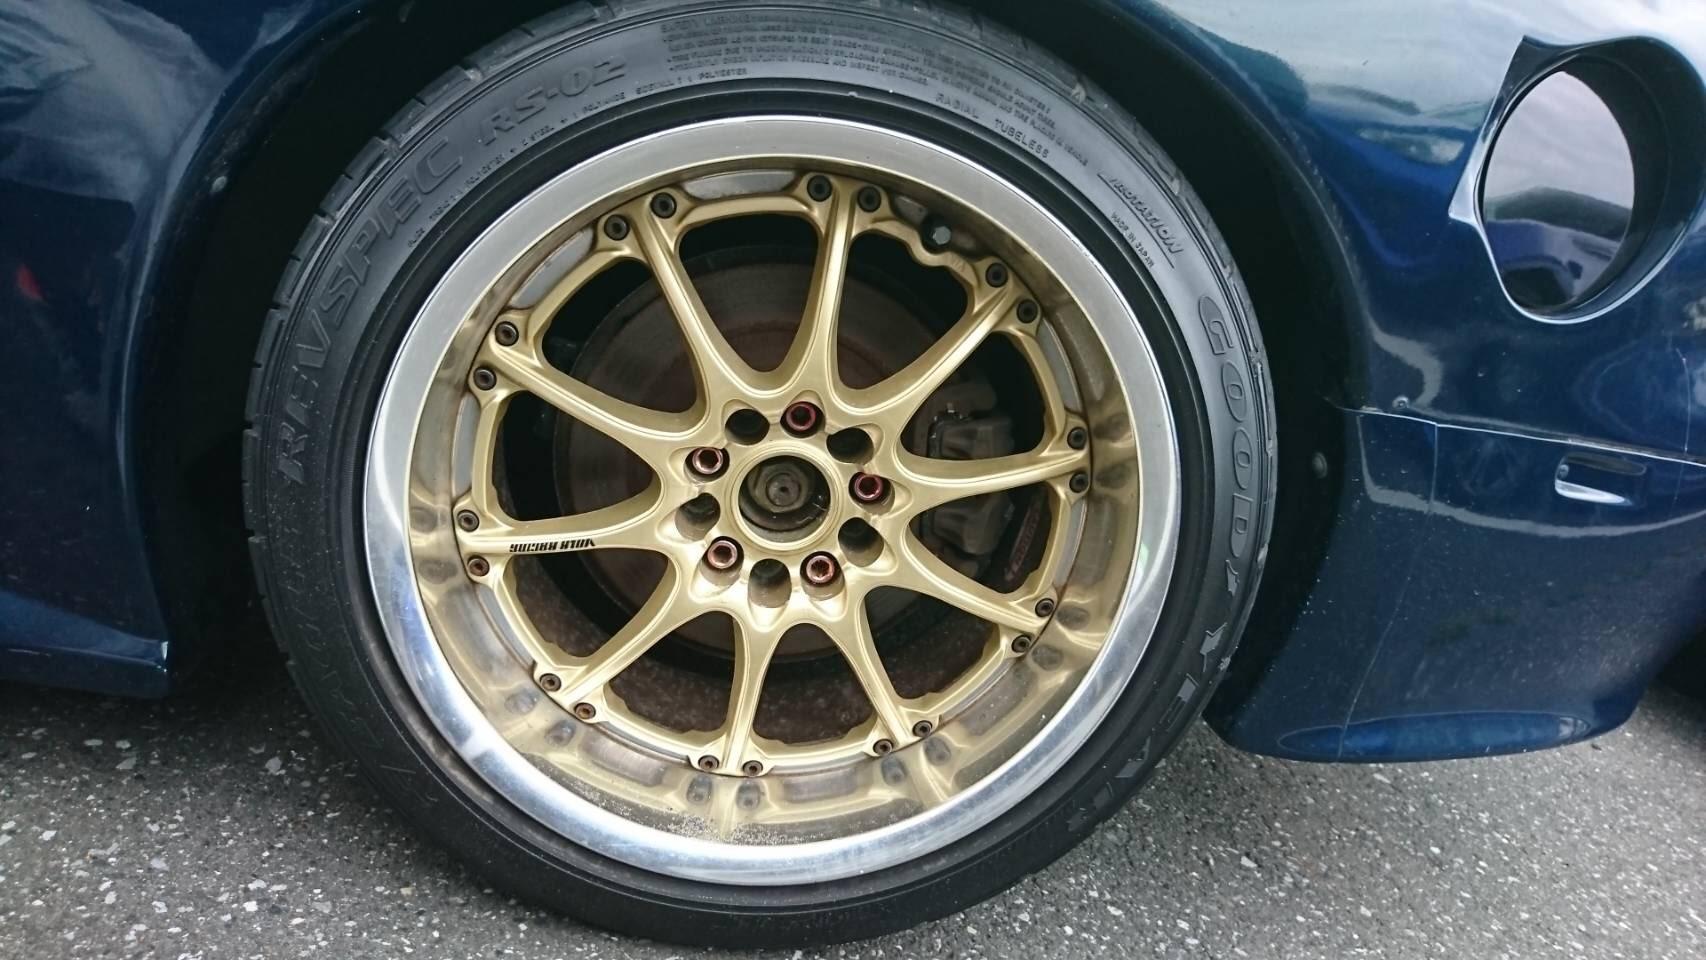 1992 Mazda RX-7 turbo 21